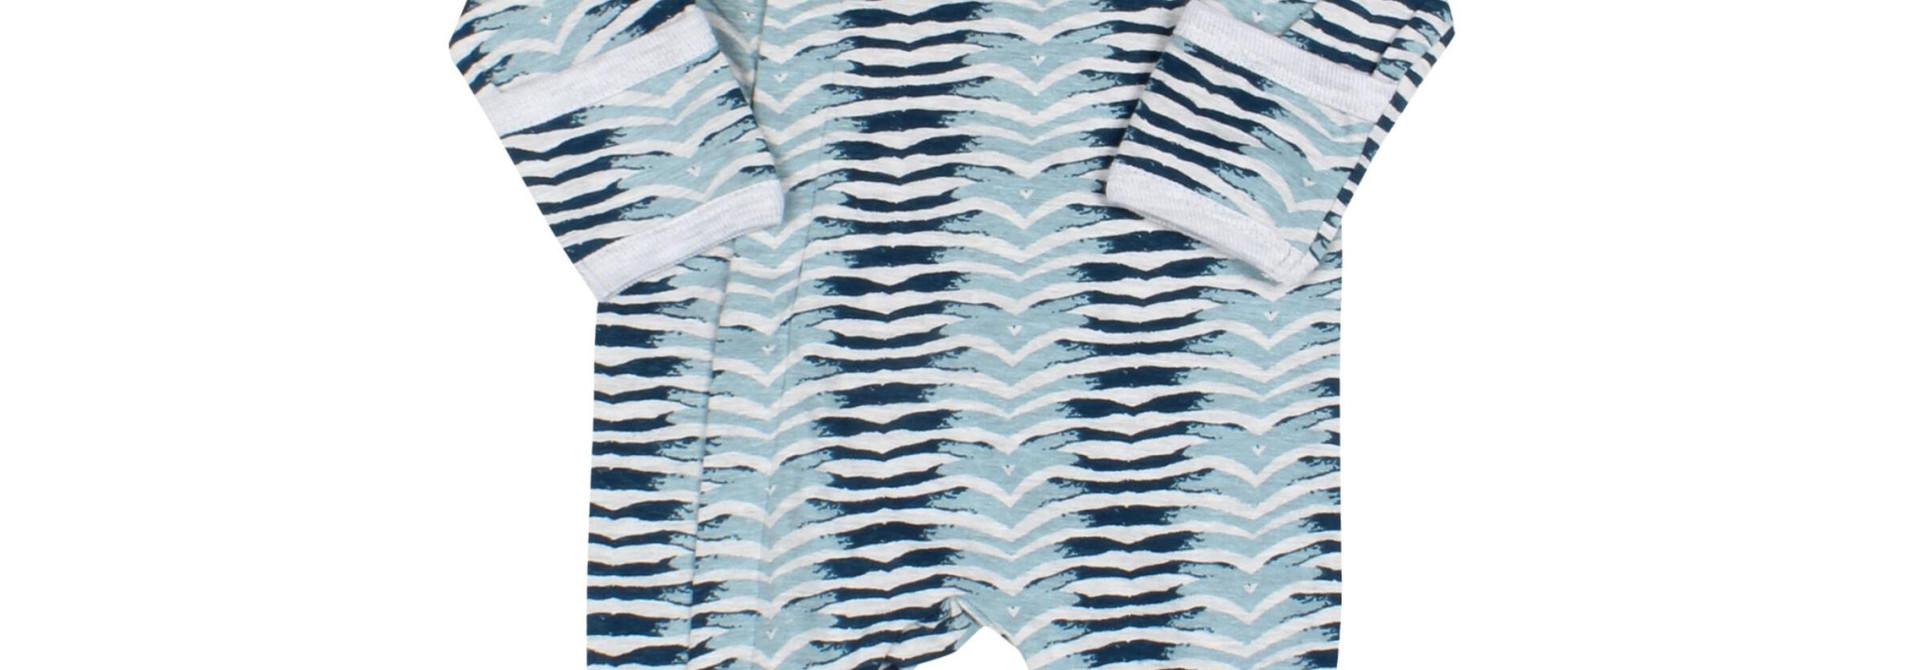 Pyjama Zipper - ZigZag Bleu